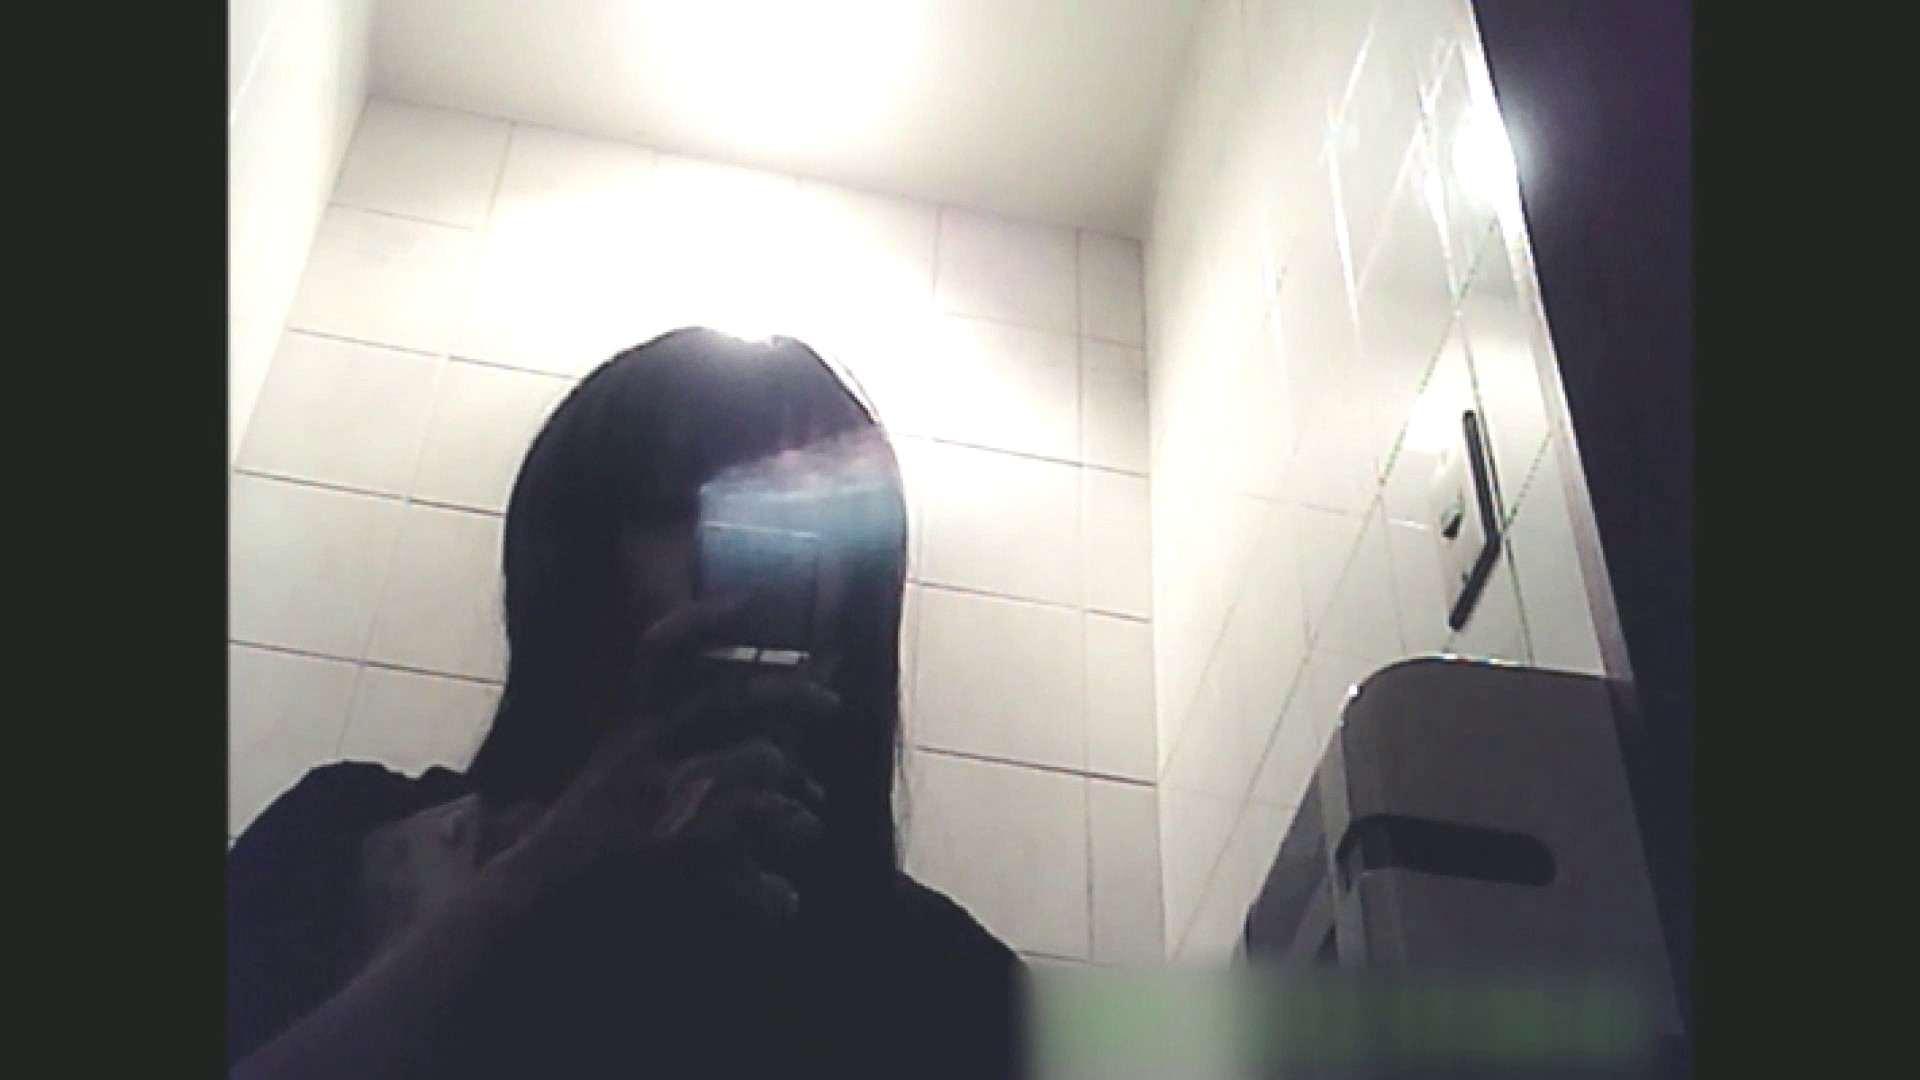 実録!!綺麗なお姉さんのトイレ事情・・・。vol.4 お姉さんのヌード AV無料 105画像 27